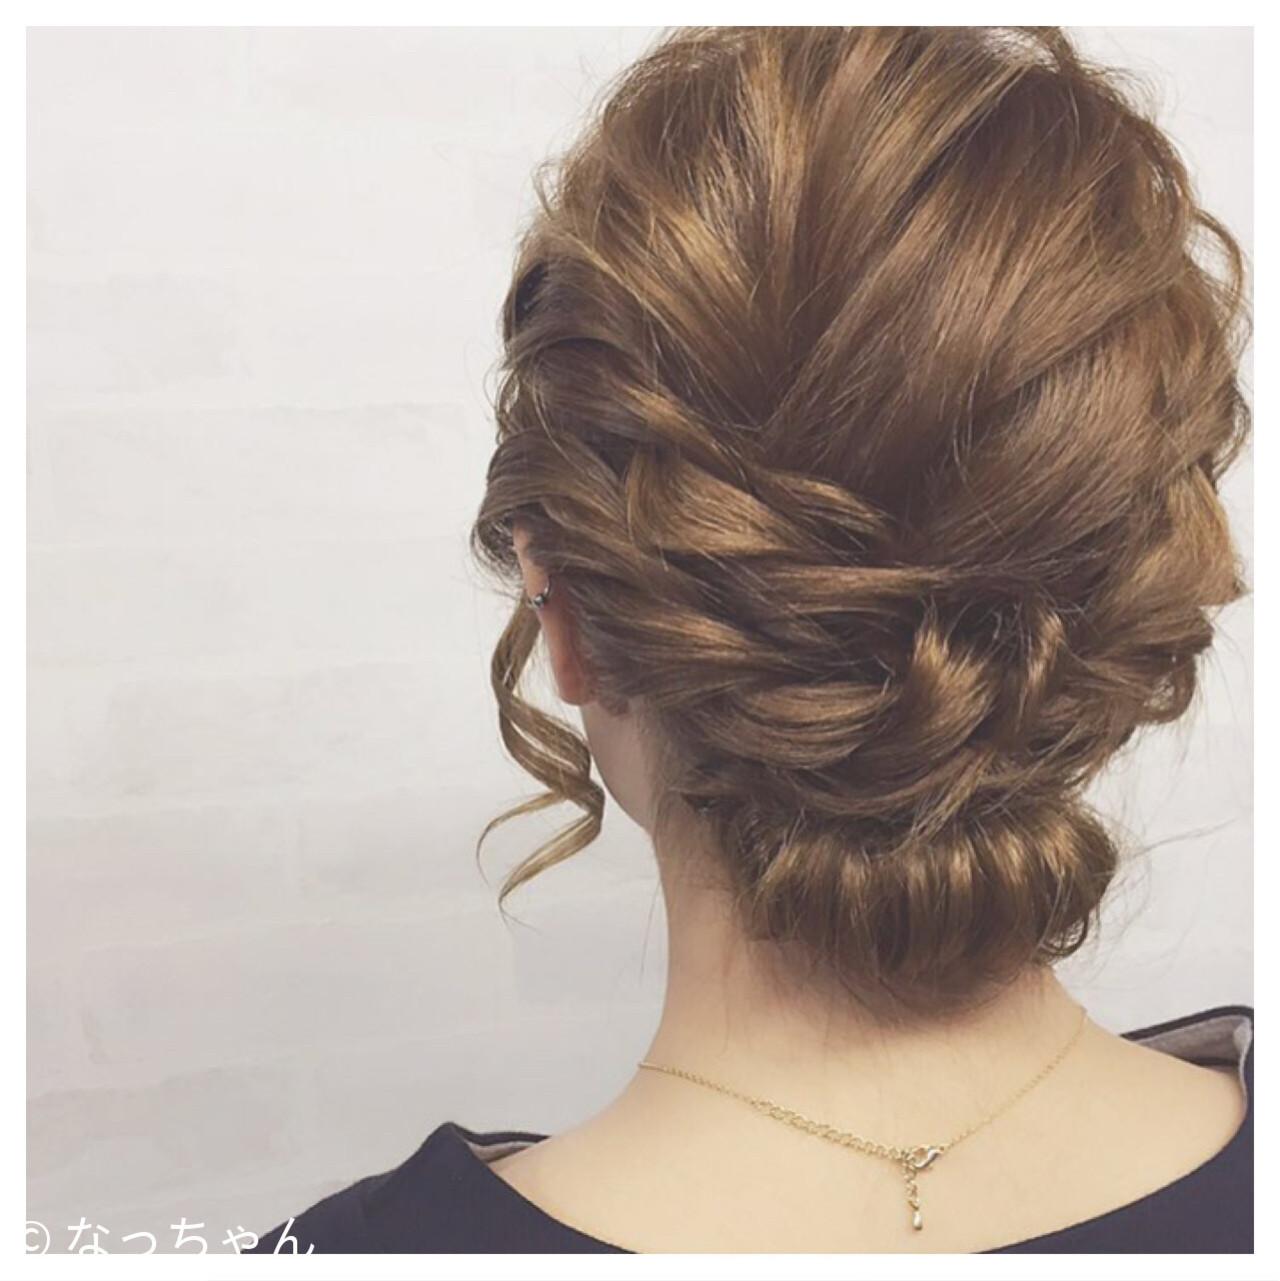 ボブ 結婚式 アップスタイル パーティ ヘアスタイルや髪型の写真・画像 | なっちゃん / G-girl